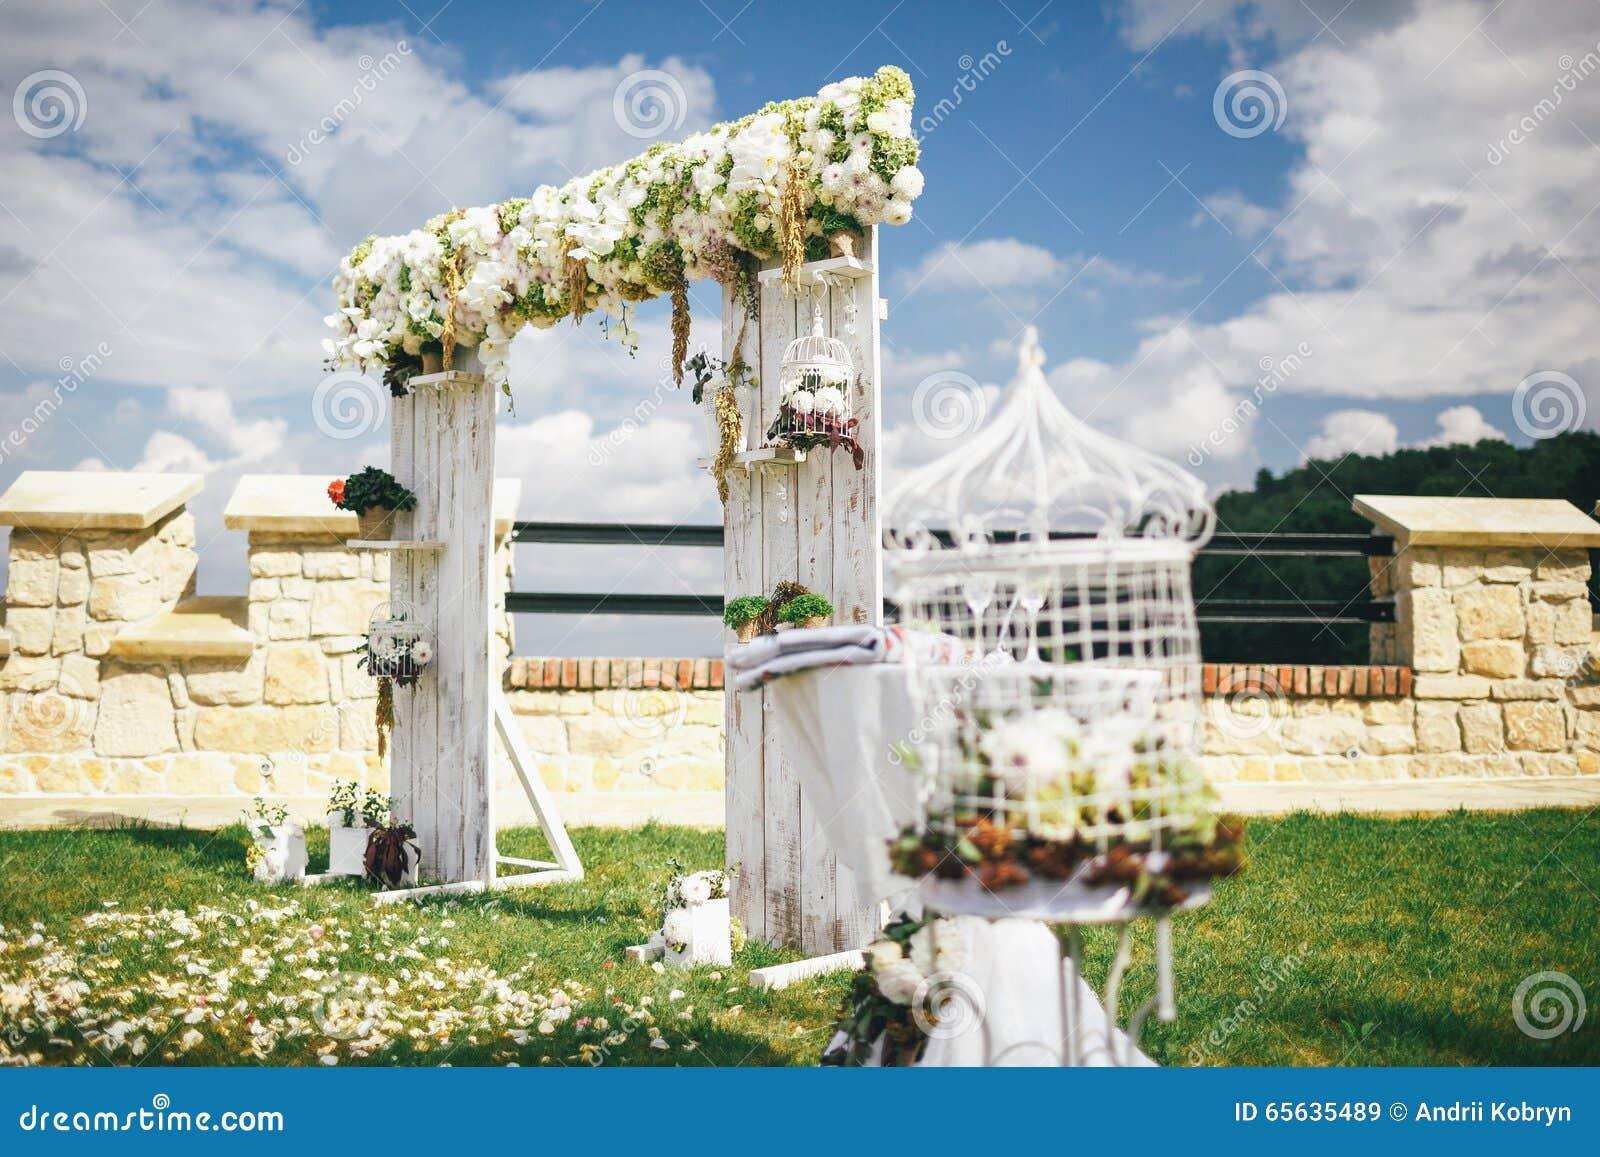 Voûte de mariage décorée des fleurs sous le ciel bleu avec des nuages